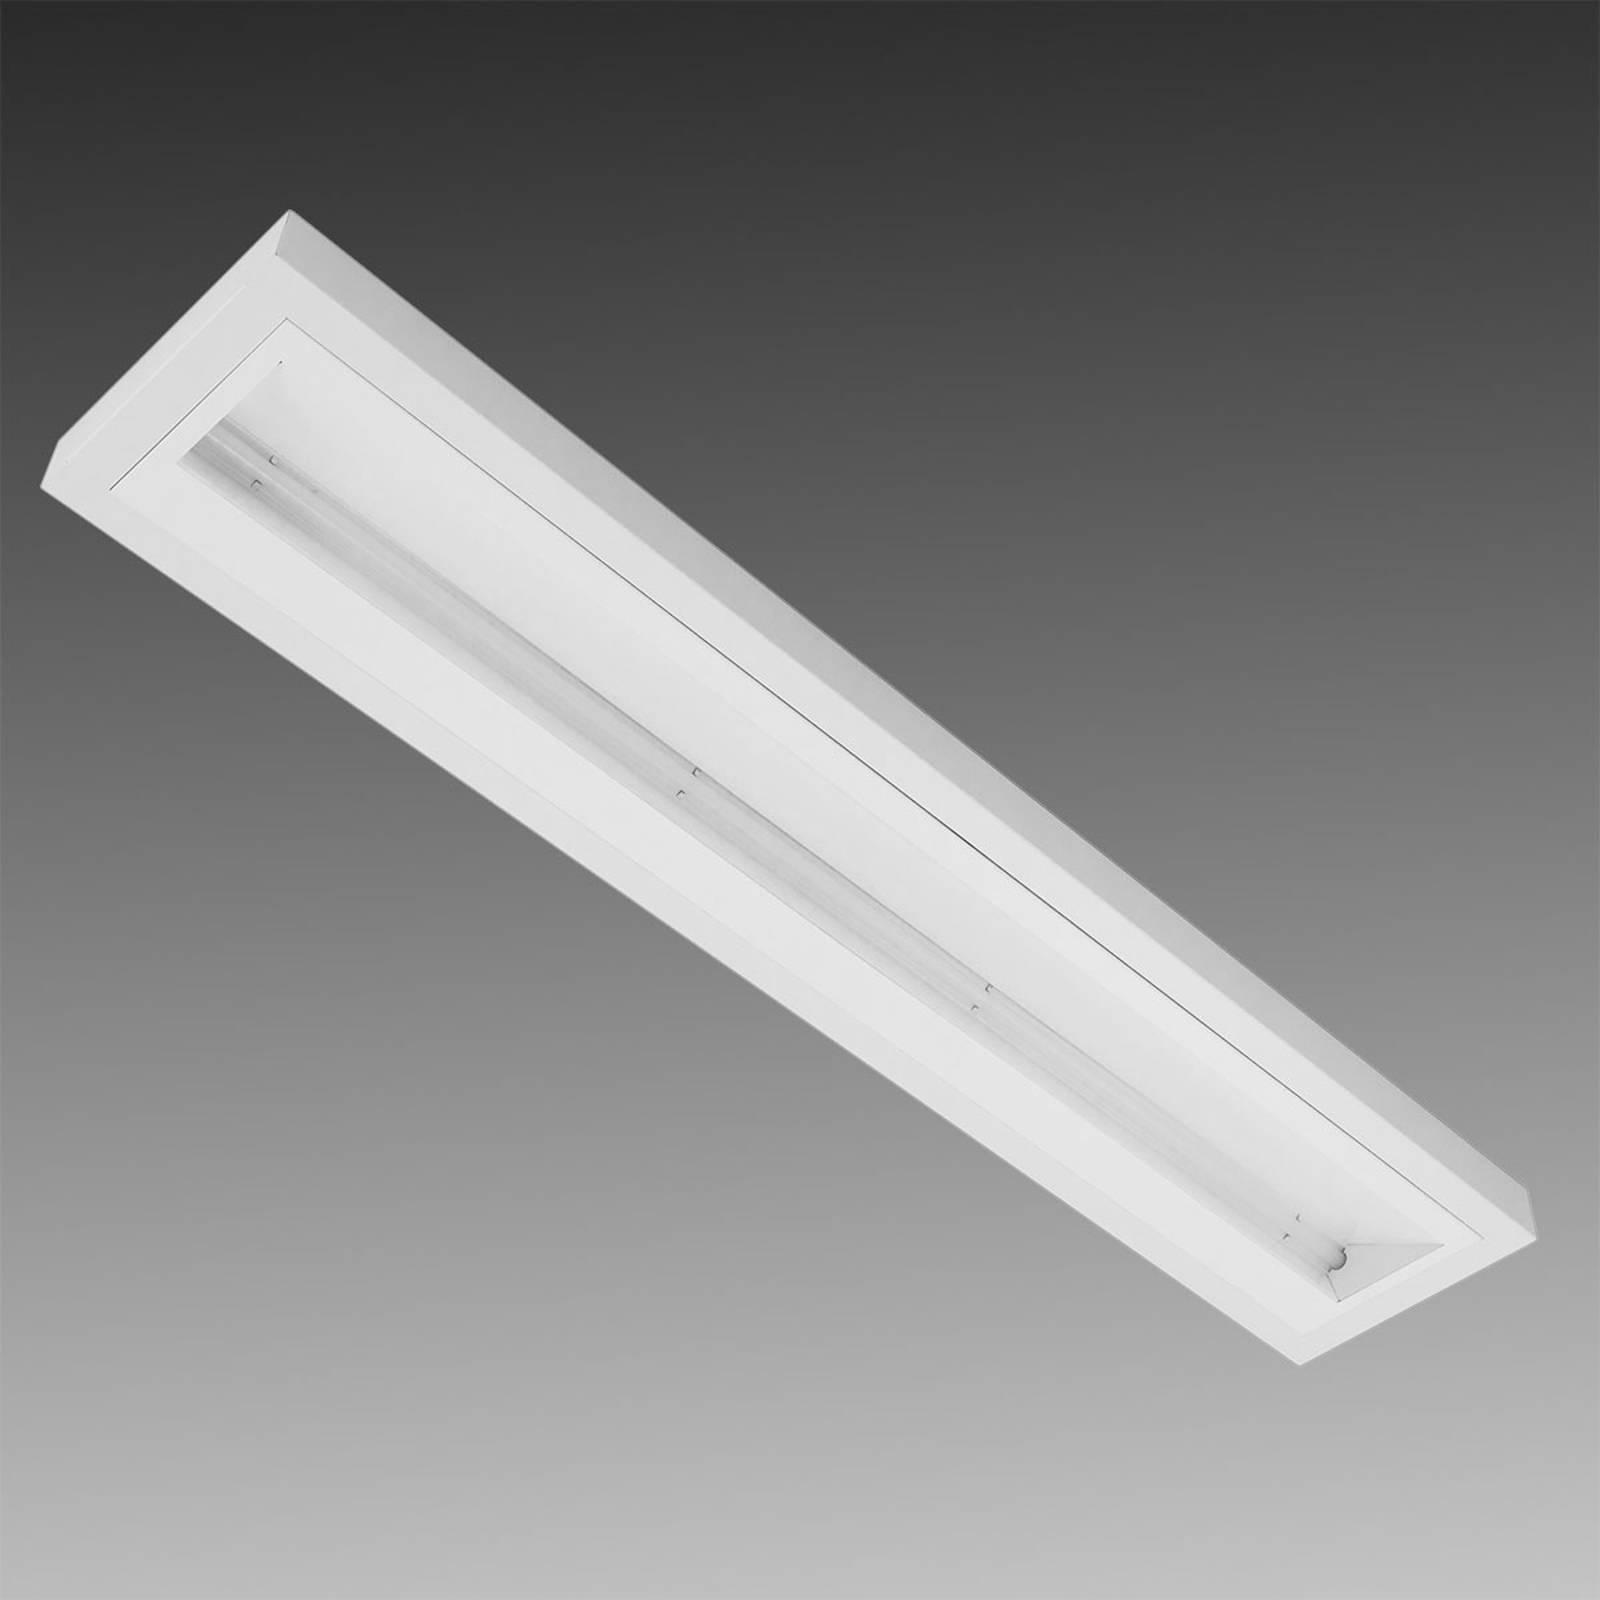 Applique LED à diffusion asymétrique blanche 35W